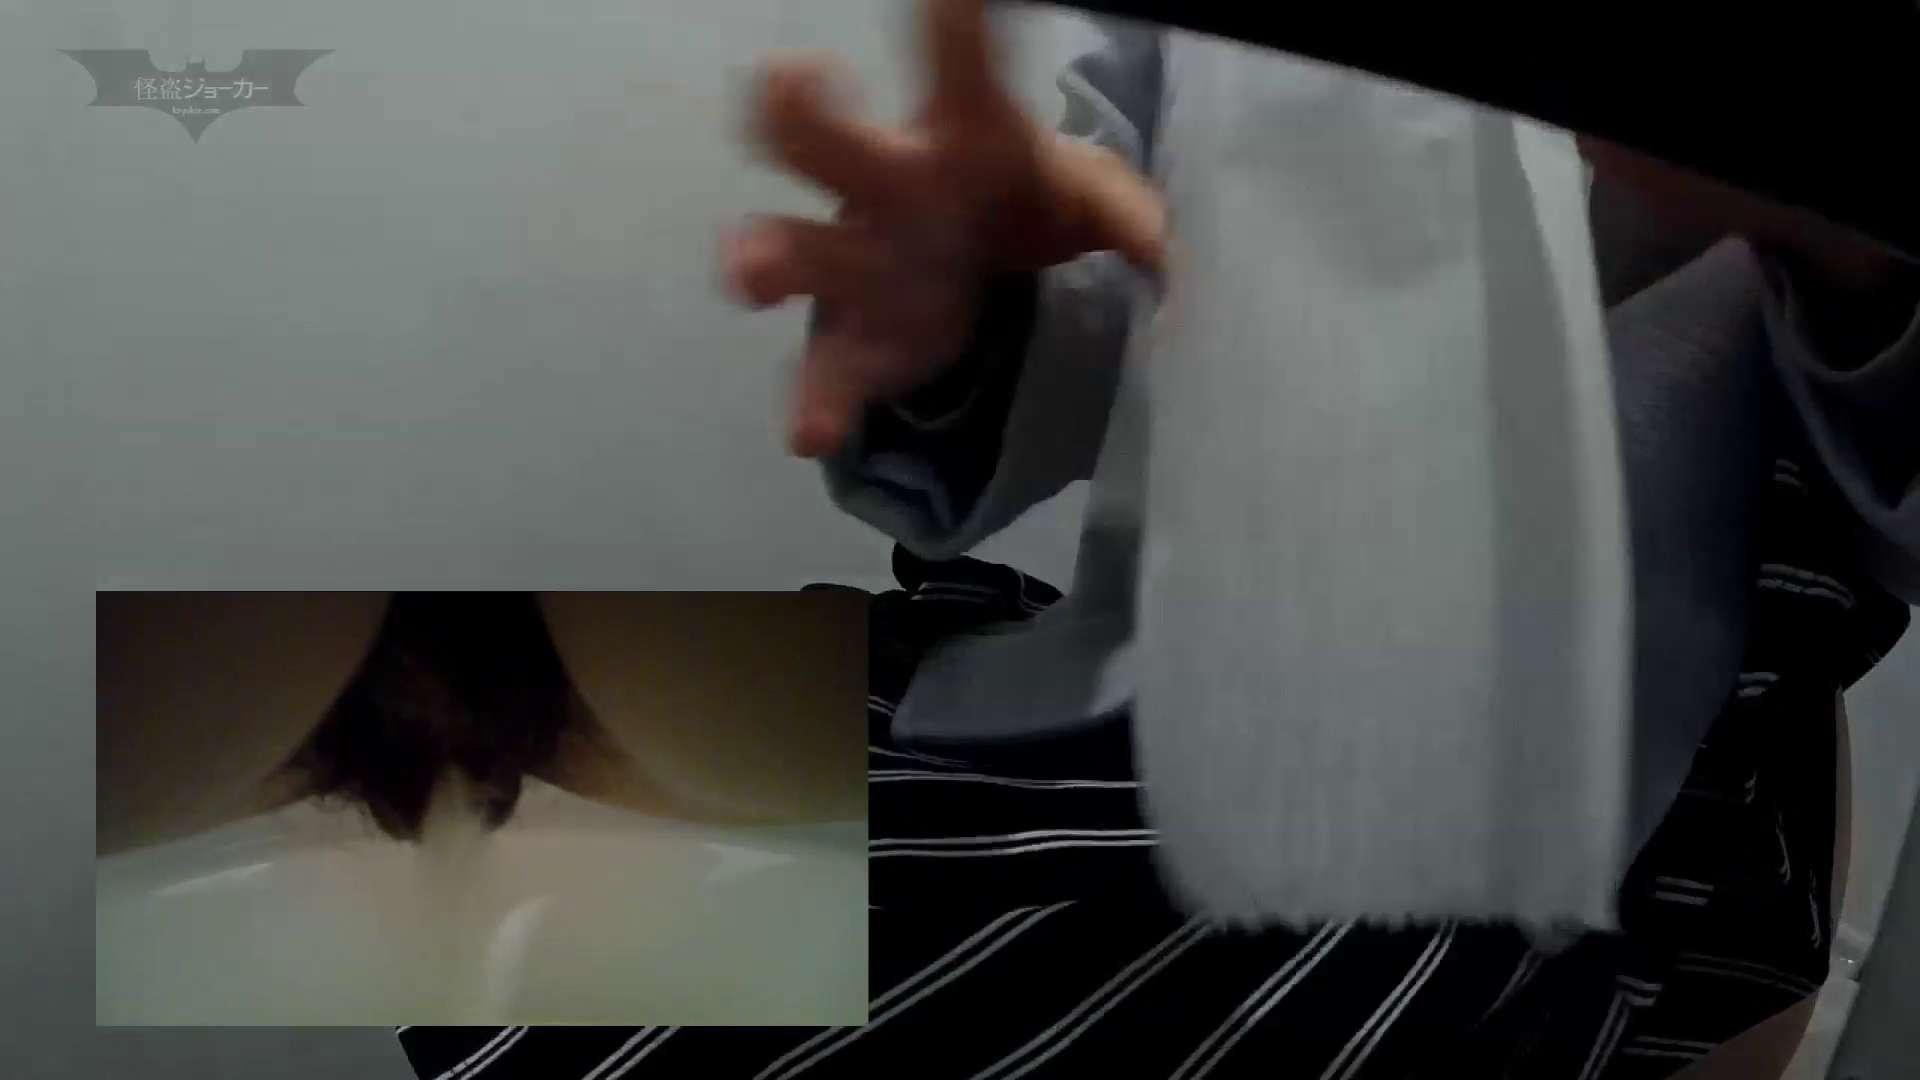 有名大学女性洗面所 vol.57 S級美女マルチアングル撮り!! OLのボディ AV無料動画キャプチャ 88PIX 67